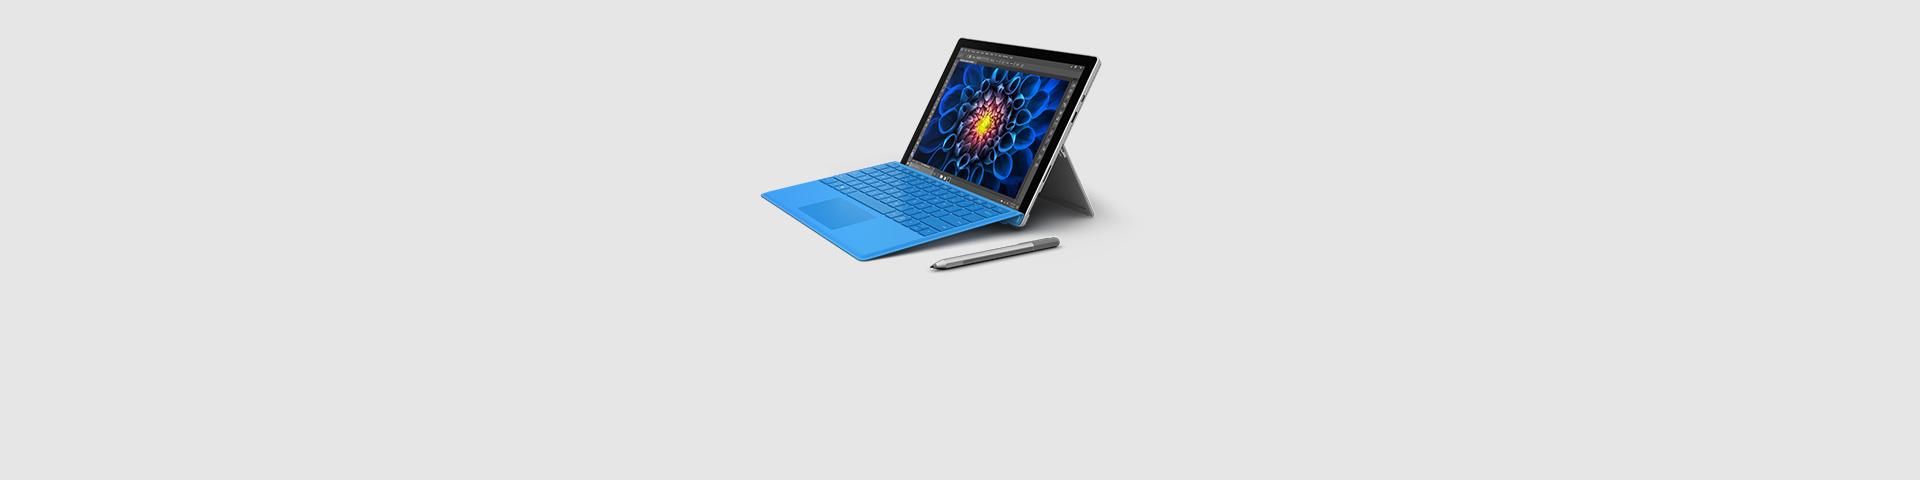 Surface Pro 4 裝置